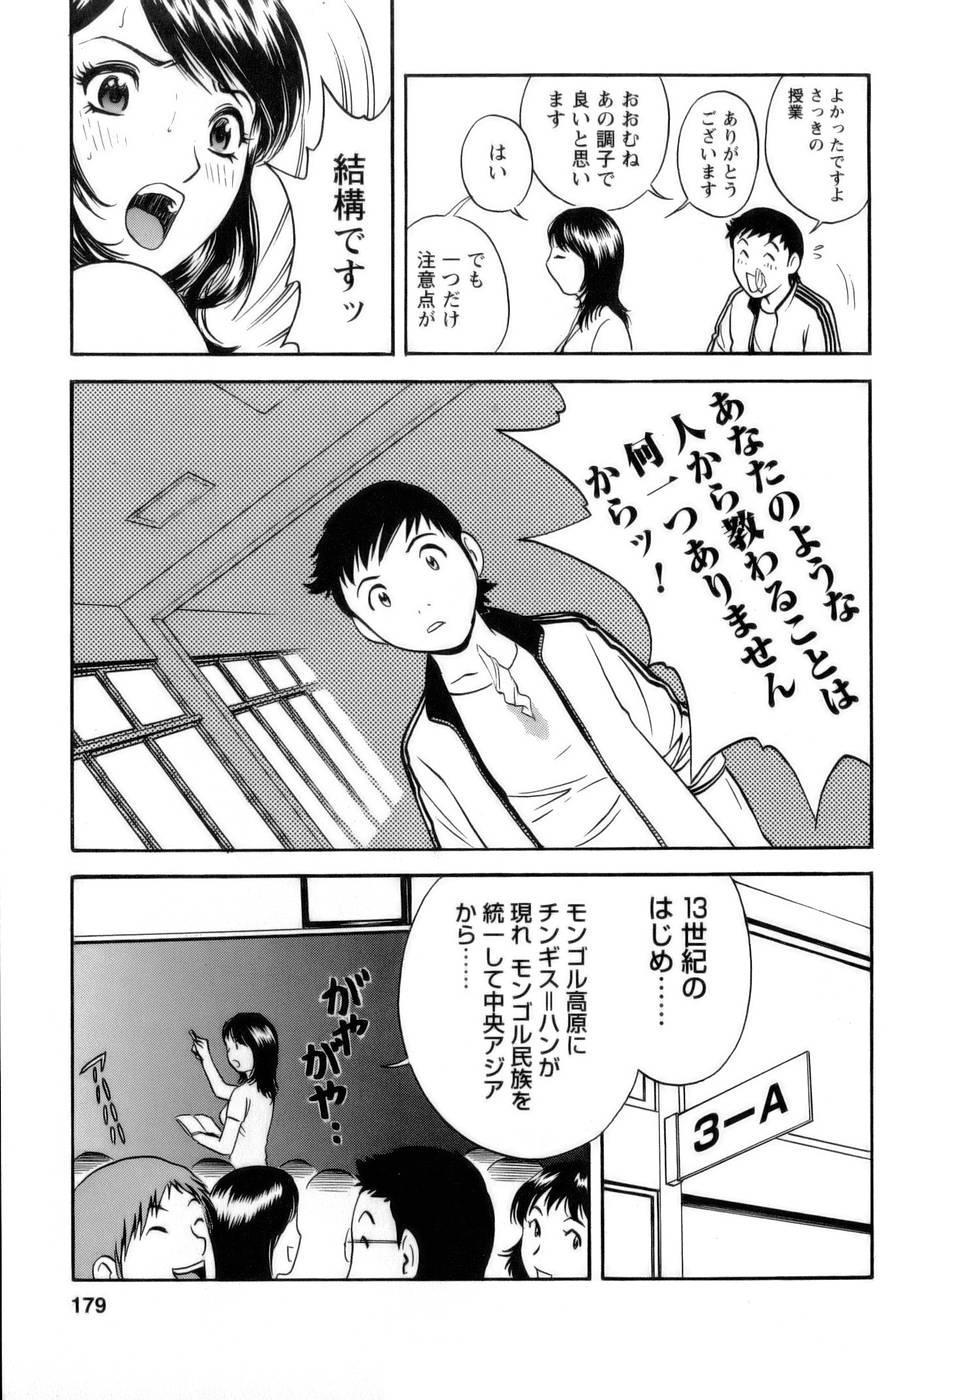 [Hidemaru] Mo-Retsu! Boin Sensei (Boing Boing Teacher) Vol.1 178